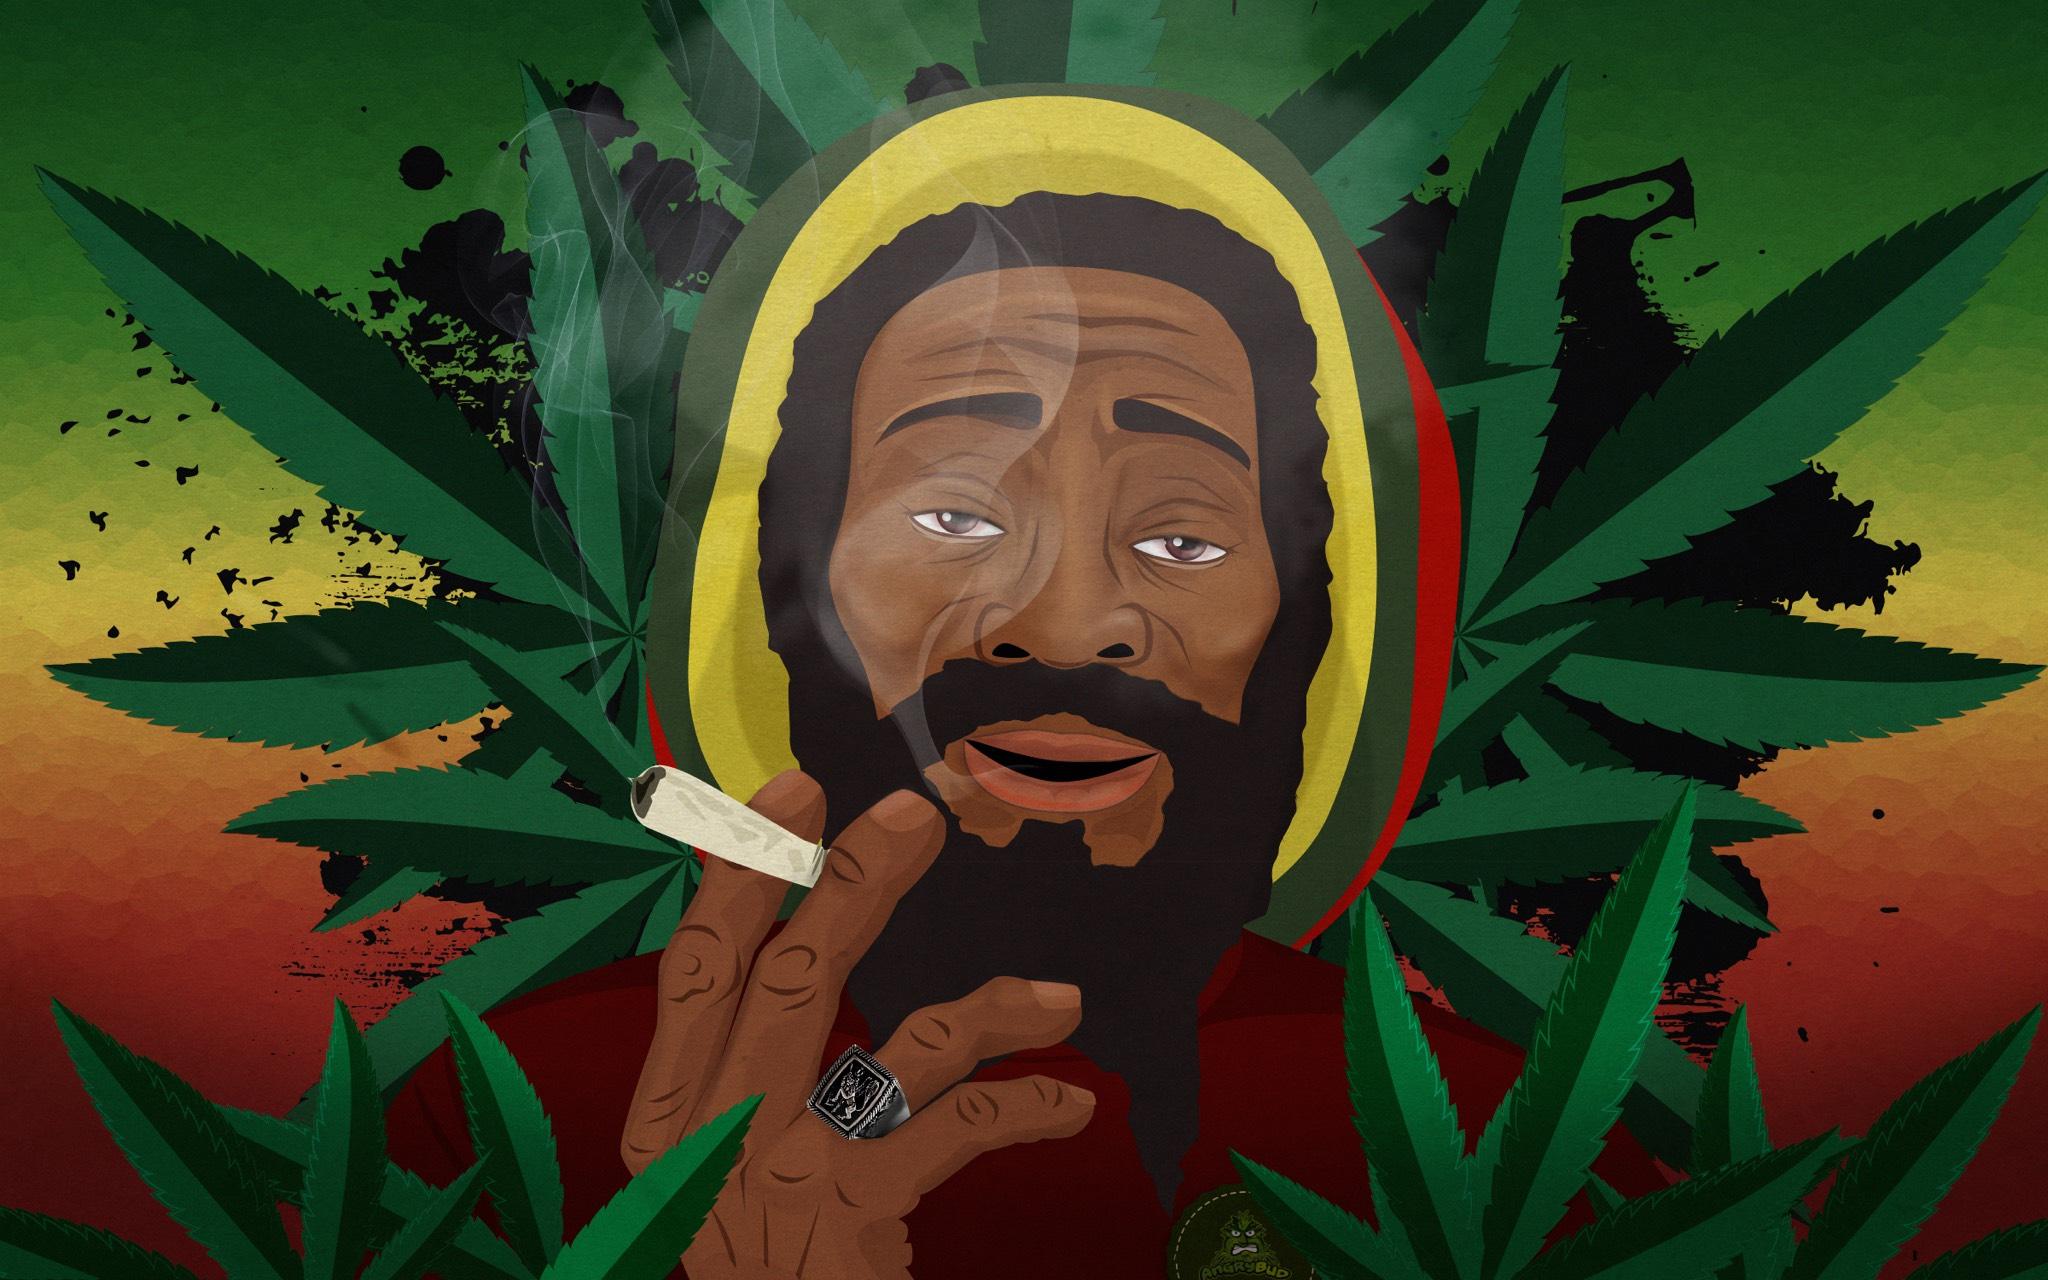 Smoky Jamaican Man - Cannabis HD Wallpaper at Angrybud.com